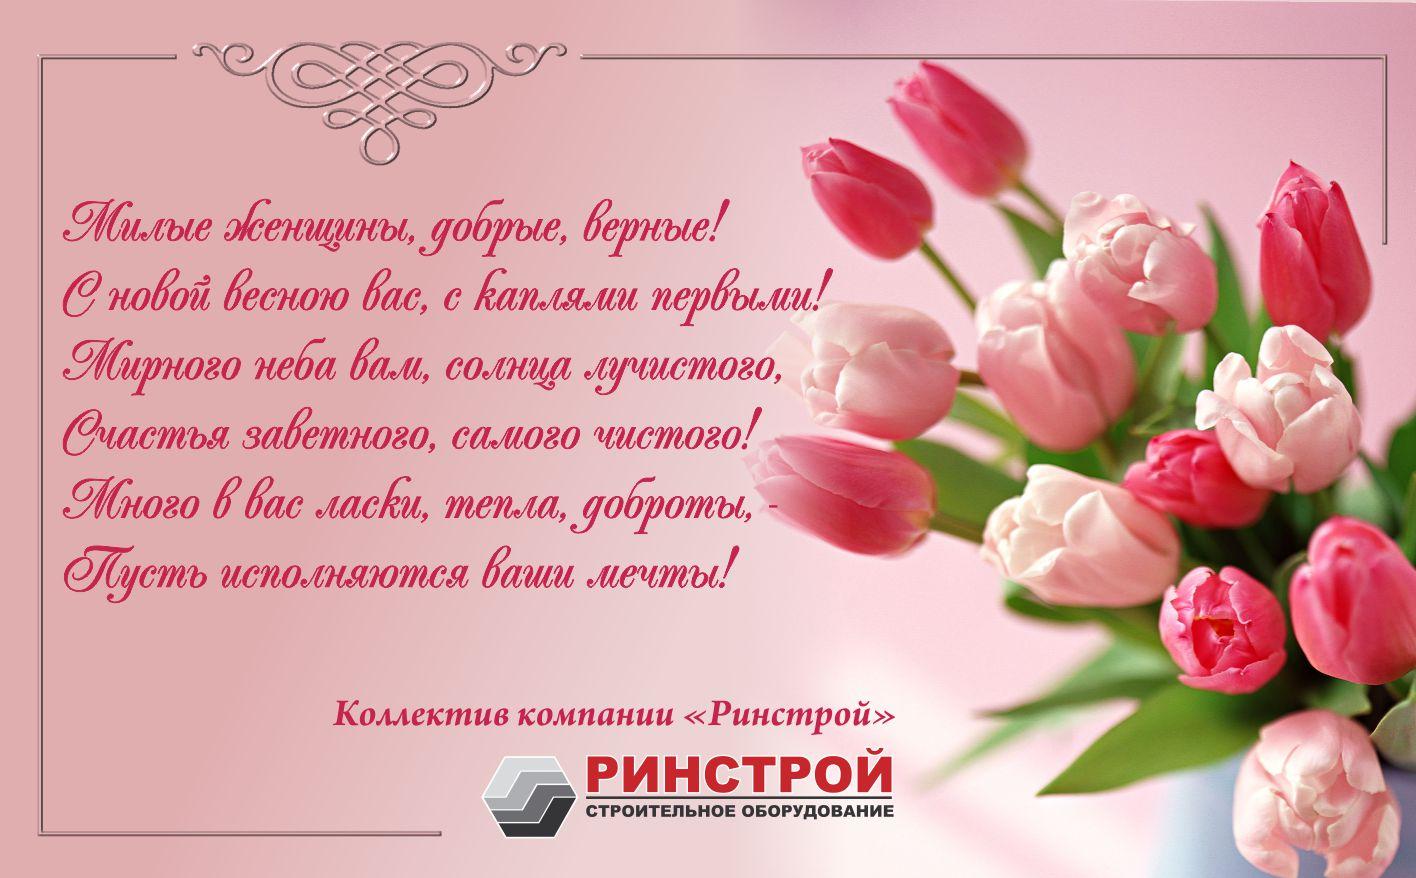 Поздравления к 8 марта организаций